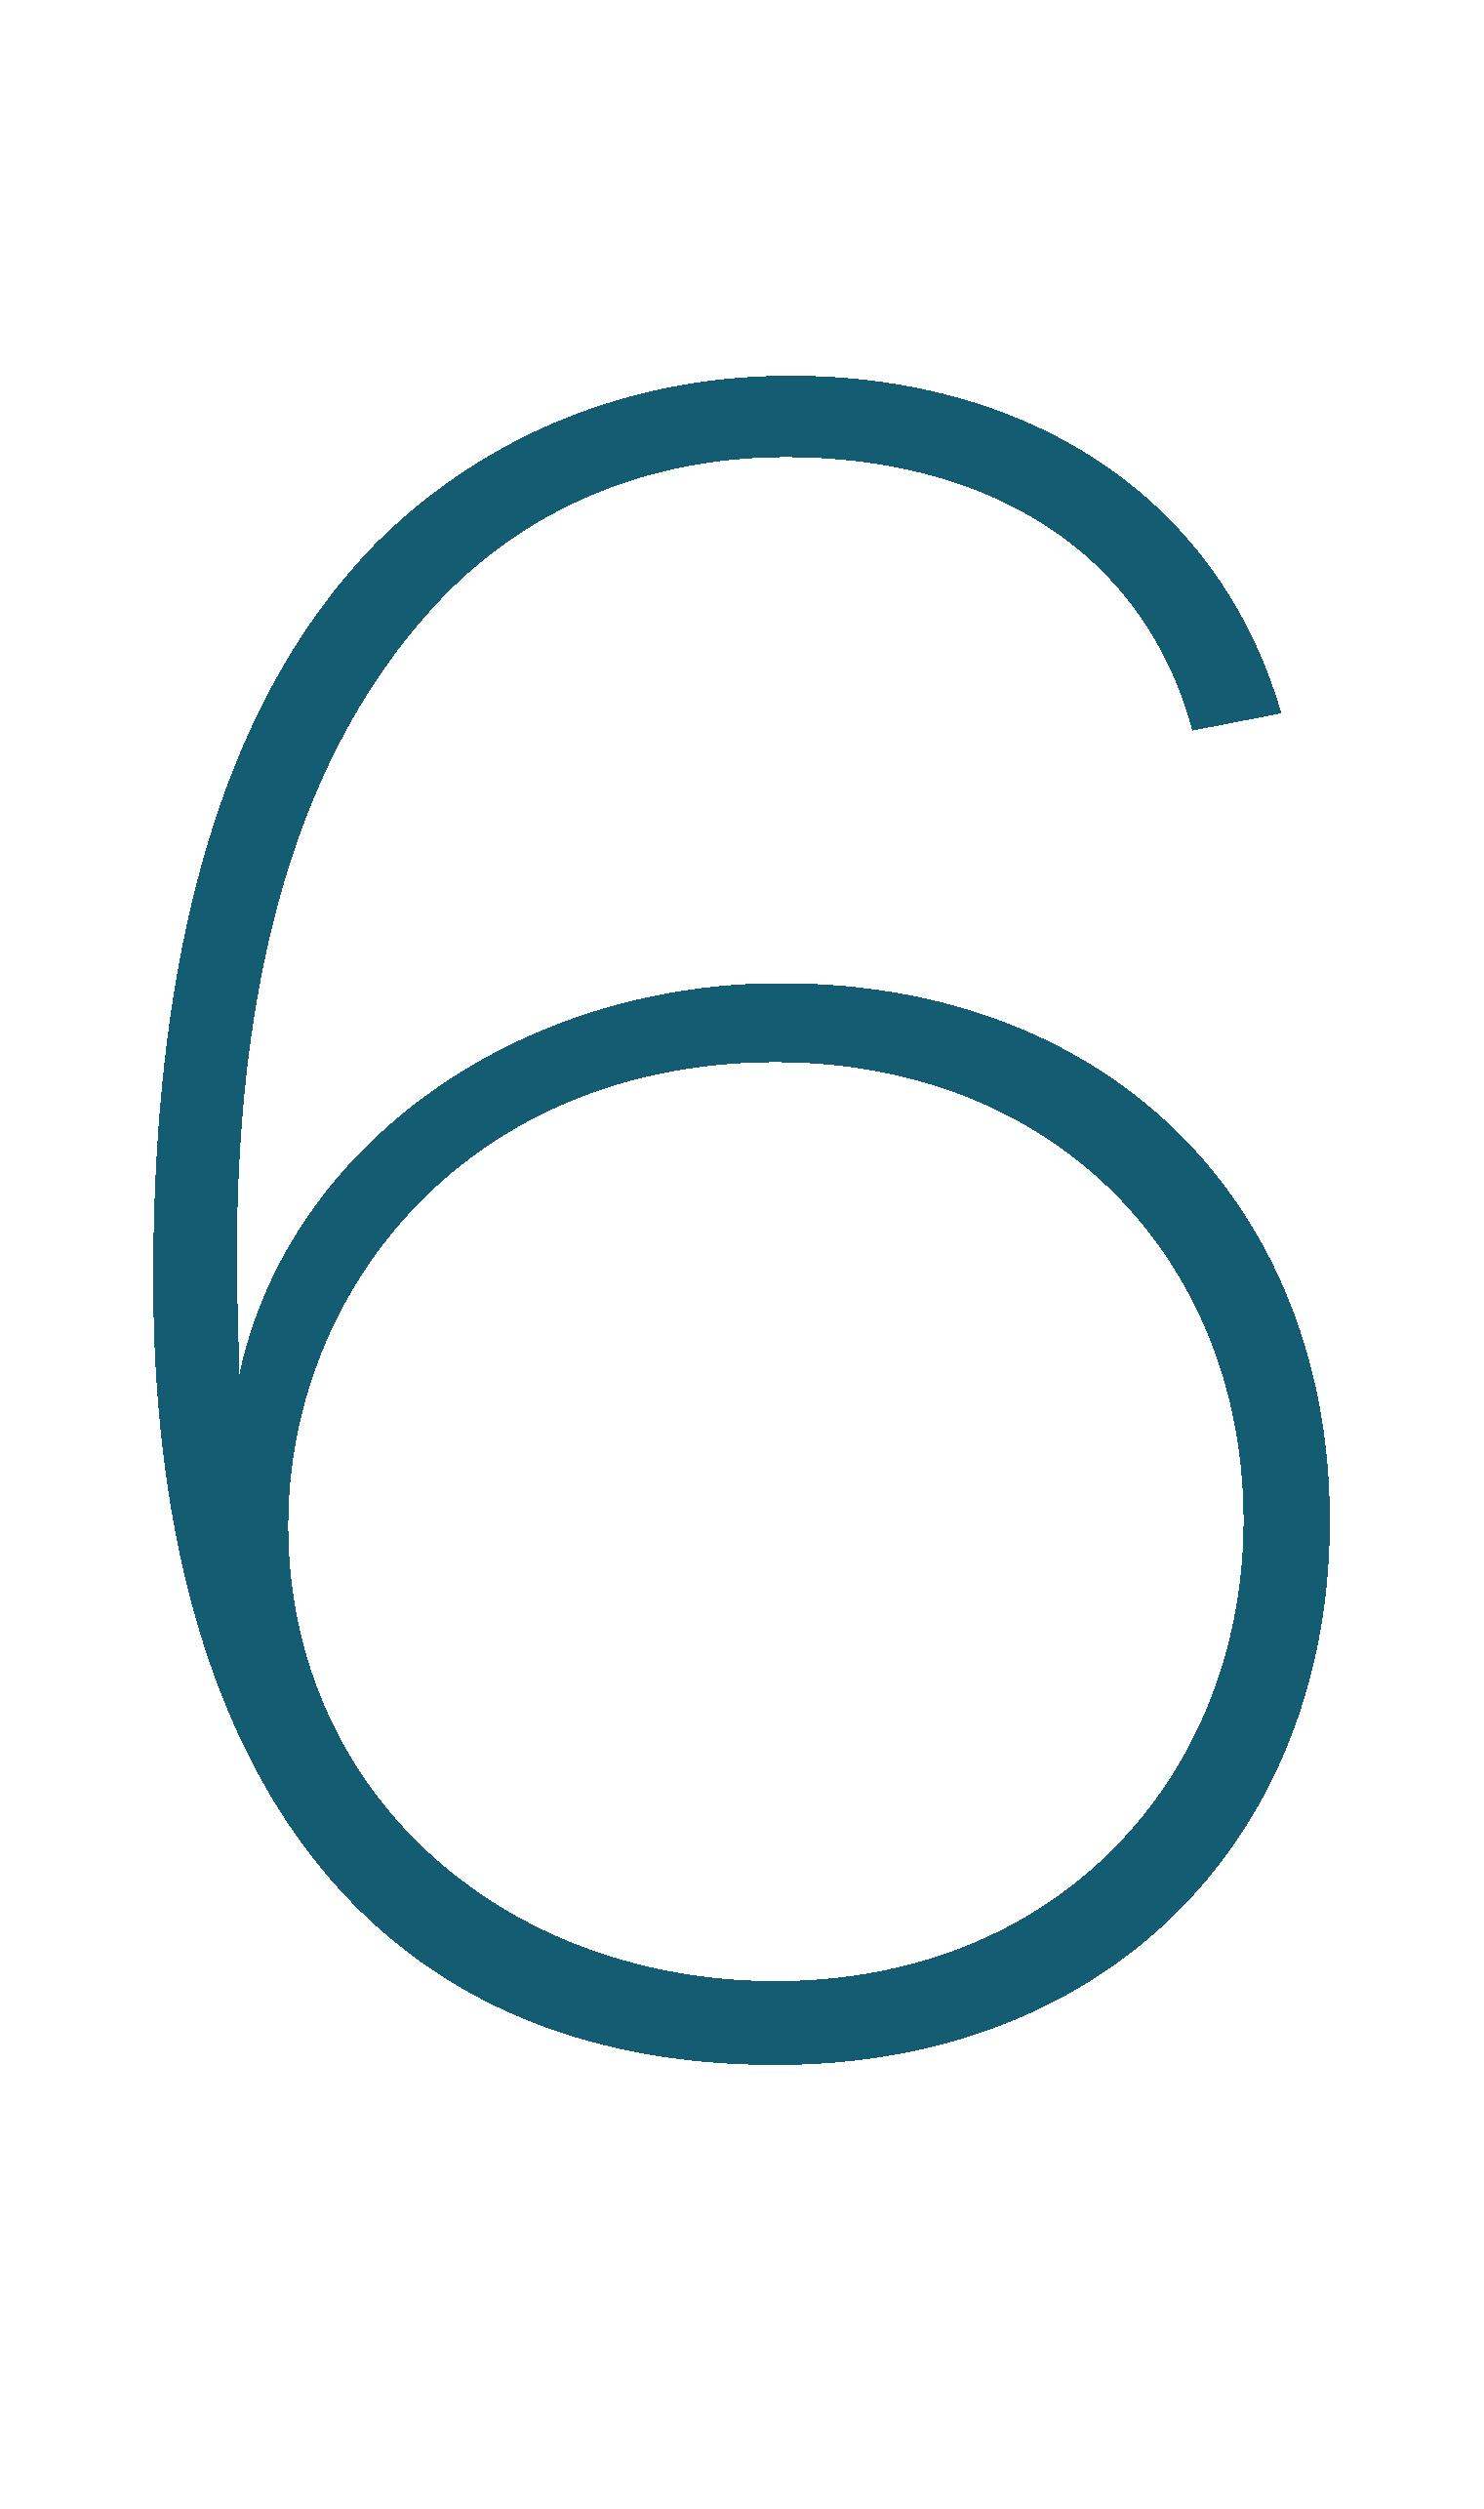 循环经济-生产Paptic®不需要新的基础设施或机器。betway必威安卓必威app精装版苹果版必威app精装版苹果版betway必威安卓Paptic®可以在现有的纸张转换生产线上生产。